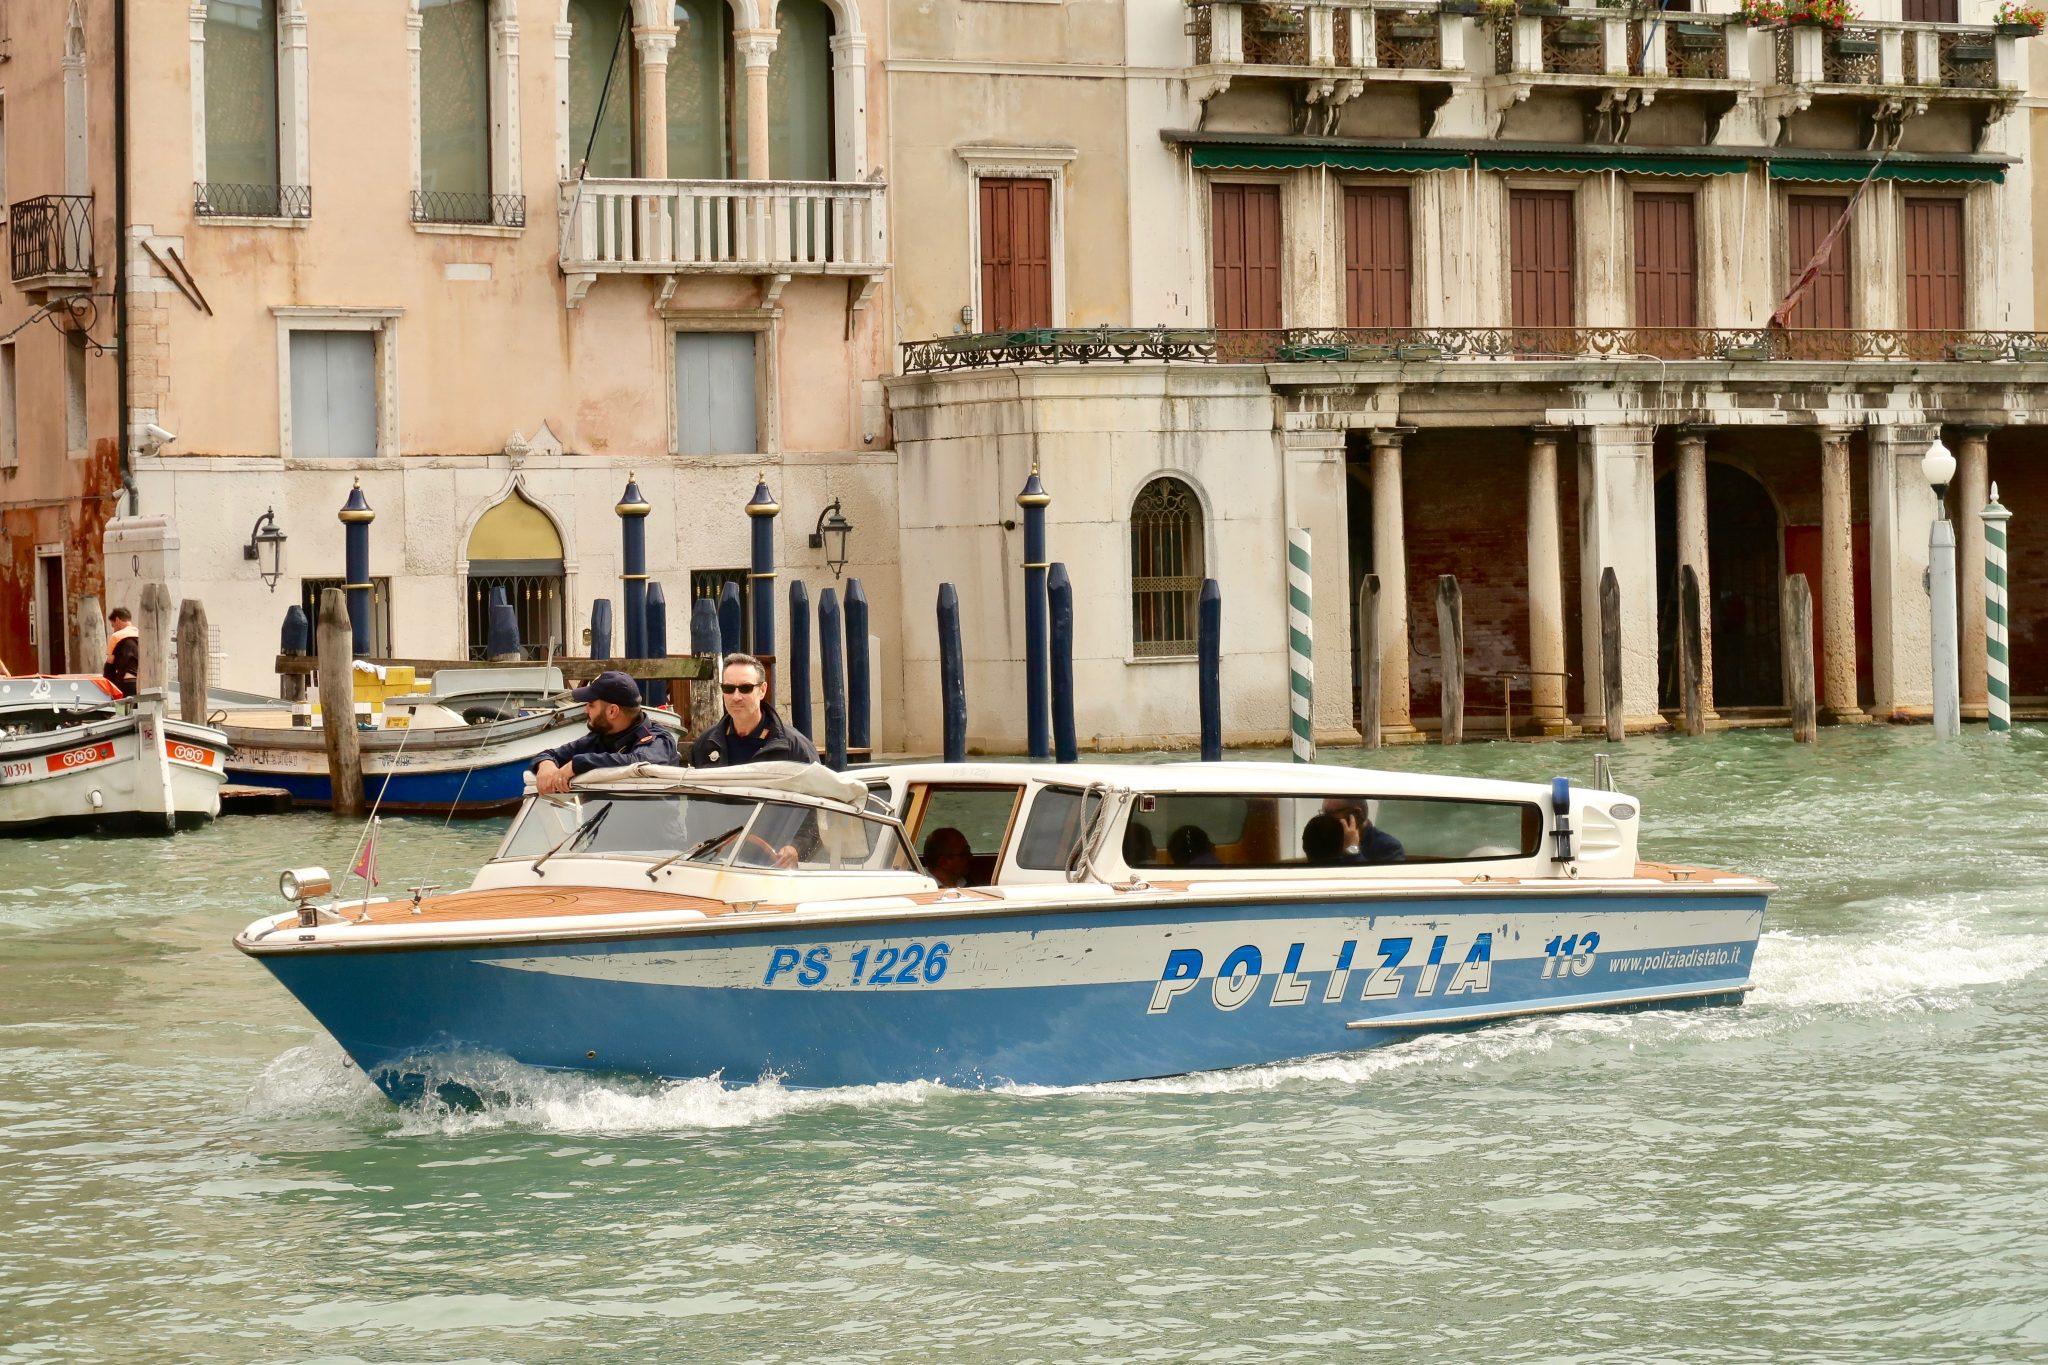 Venedig, Polizei - Streifenwagen: auch Deutschland besitzt eine Wasserpolizei, das hat mich dann doch nicht allzu verwundert.